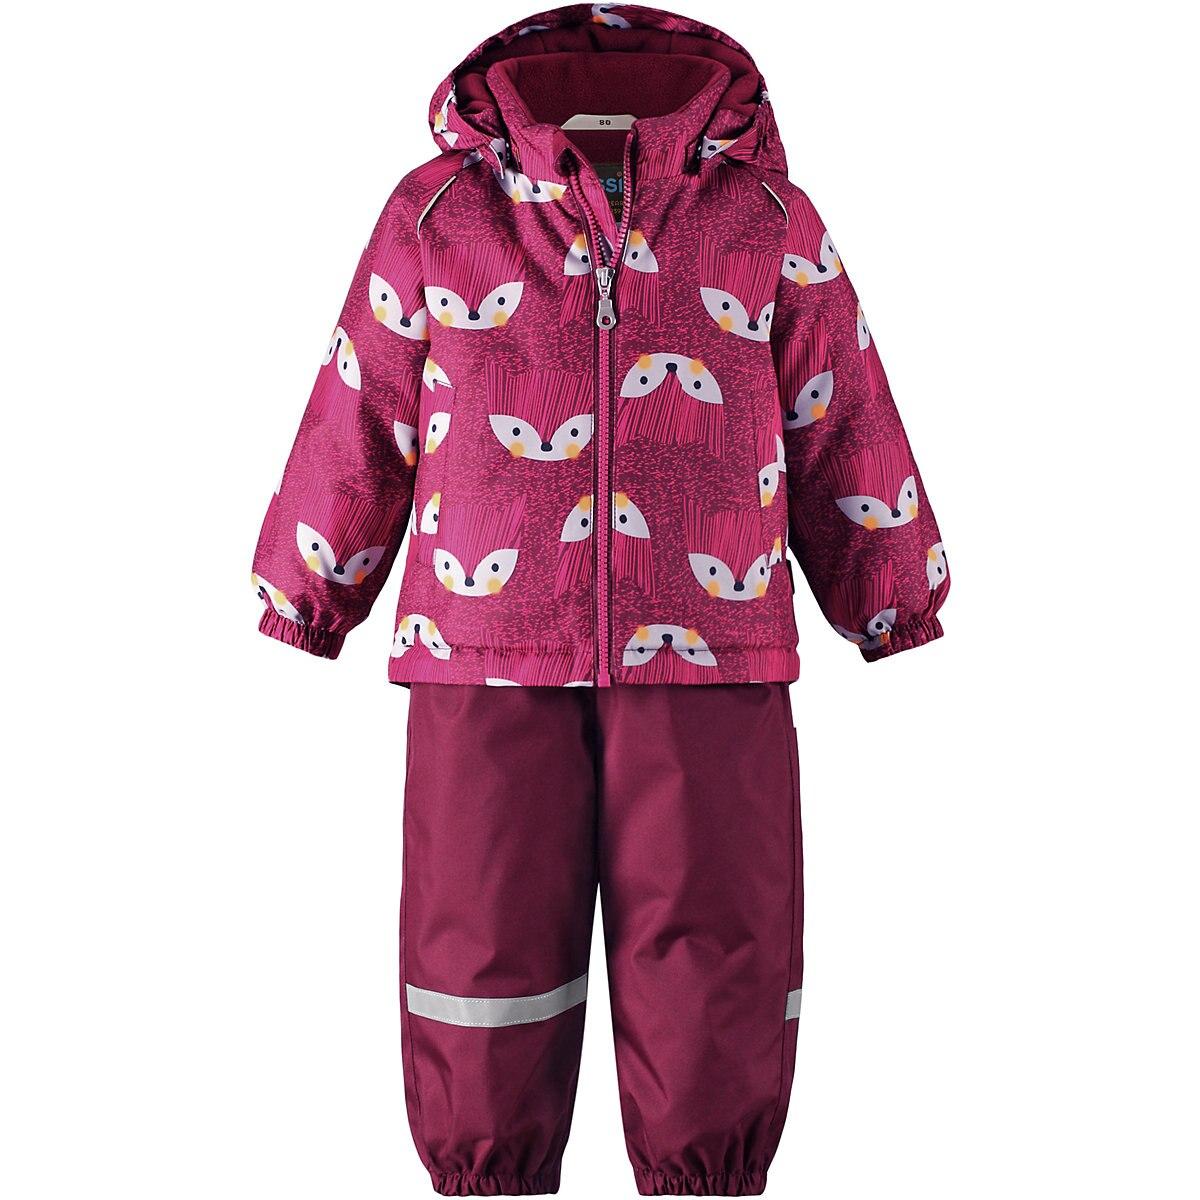 Ensembles pour enfants LASSIE pour filles 8631960 survêtement d'hiver enfants vêtements chauds MTpromo